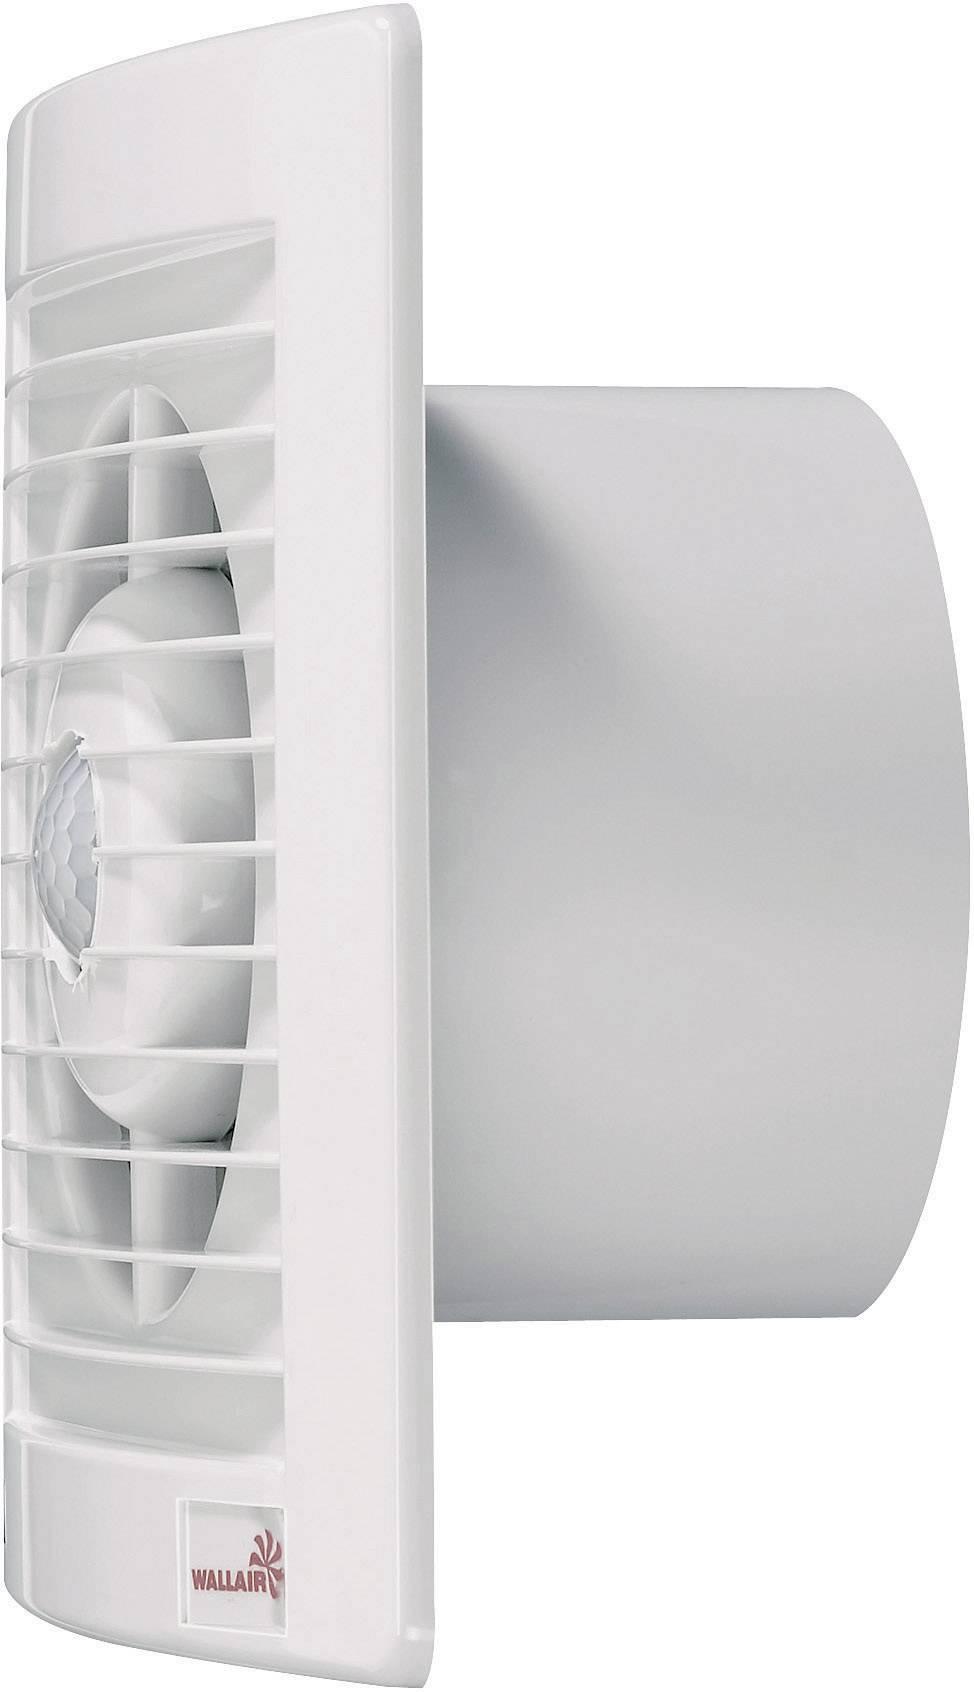 Nástenný a stropný ventilátor Wallair s PIR senzorom, W-Style 100 mm